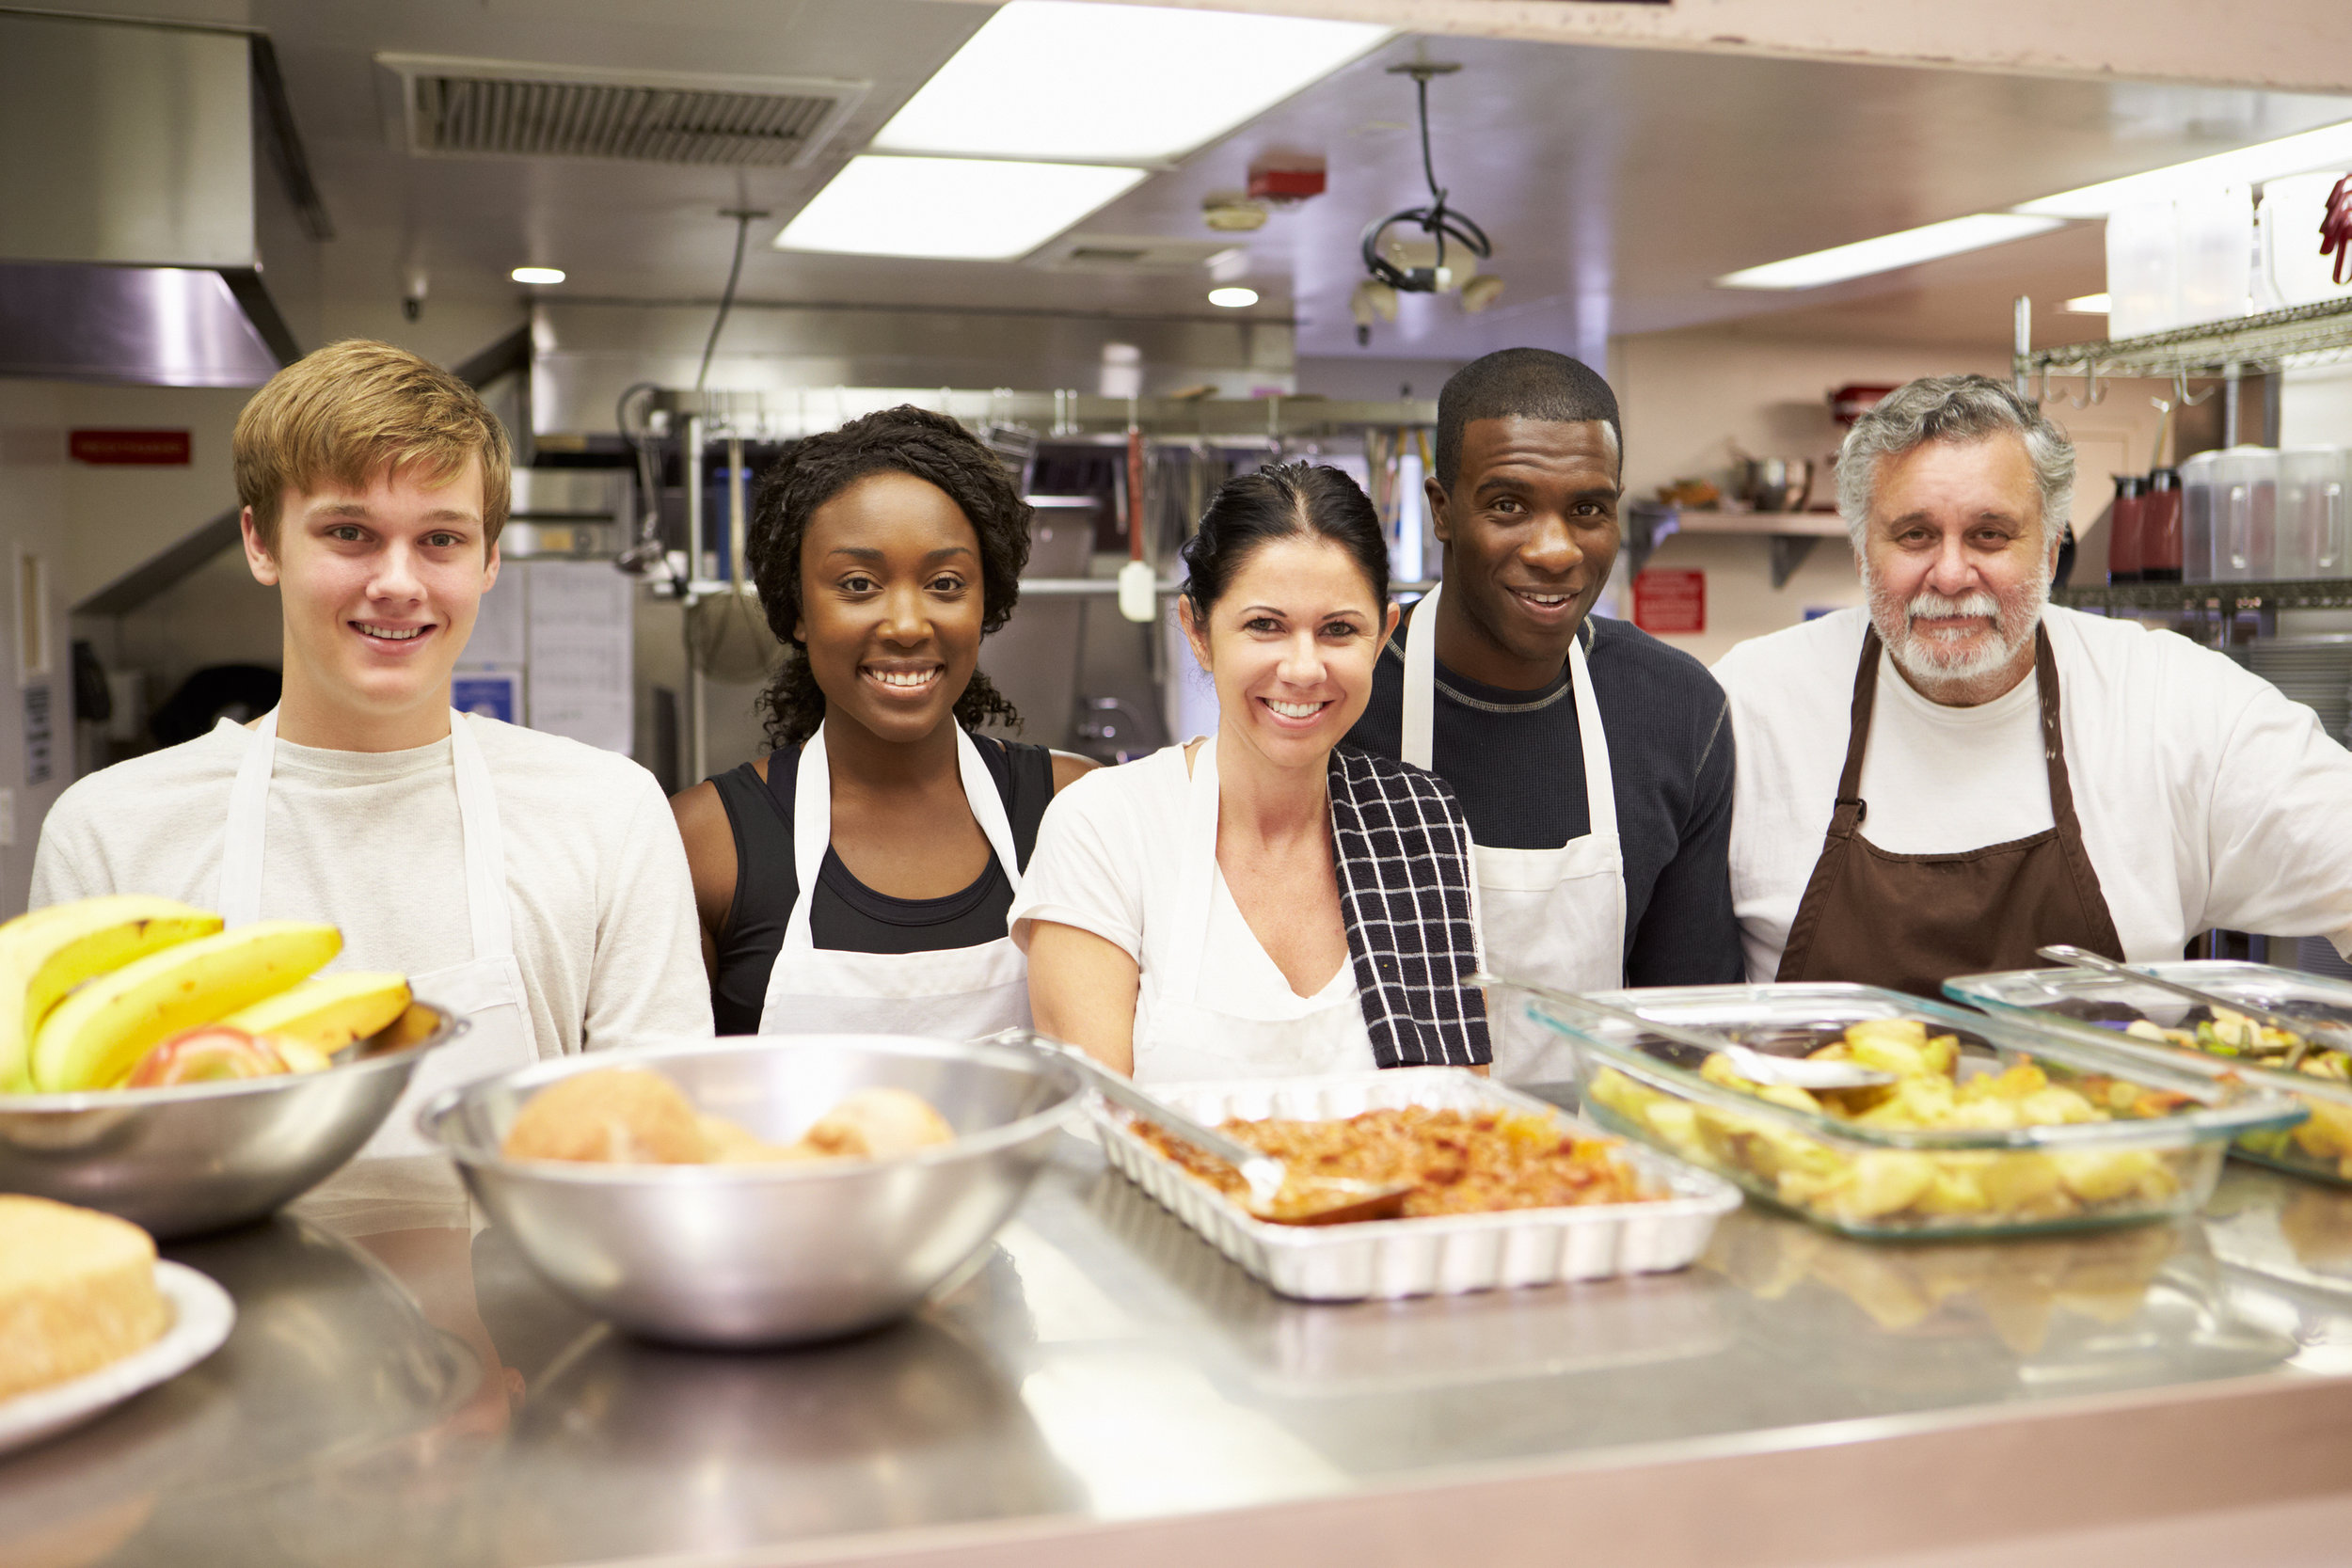 bigstock-Portrait-Of-Kitchen-Staff-In-H-62500808.jpg